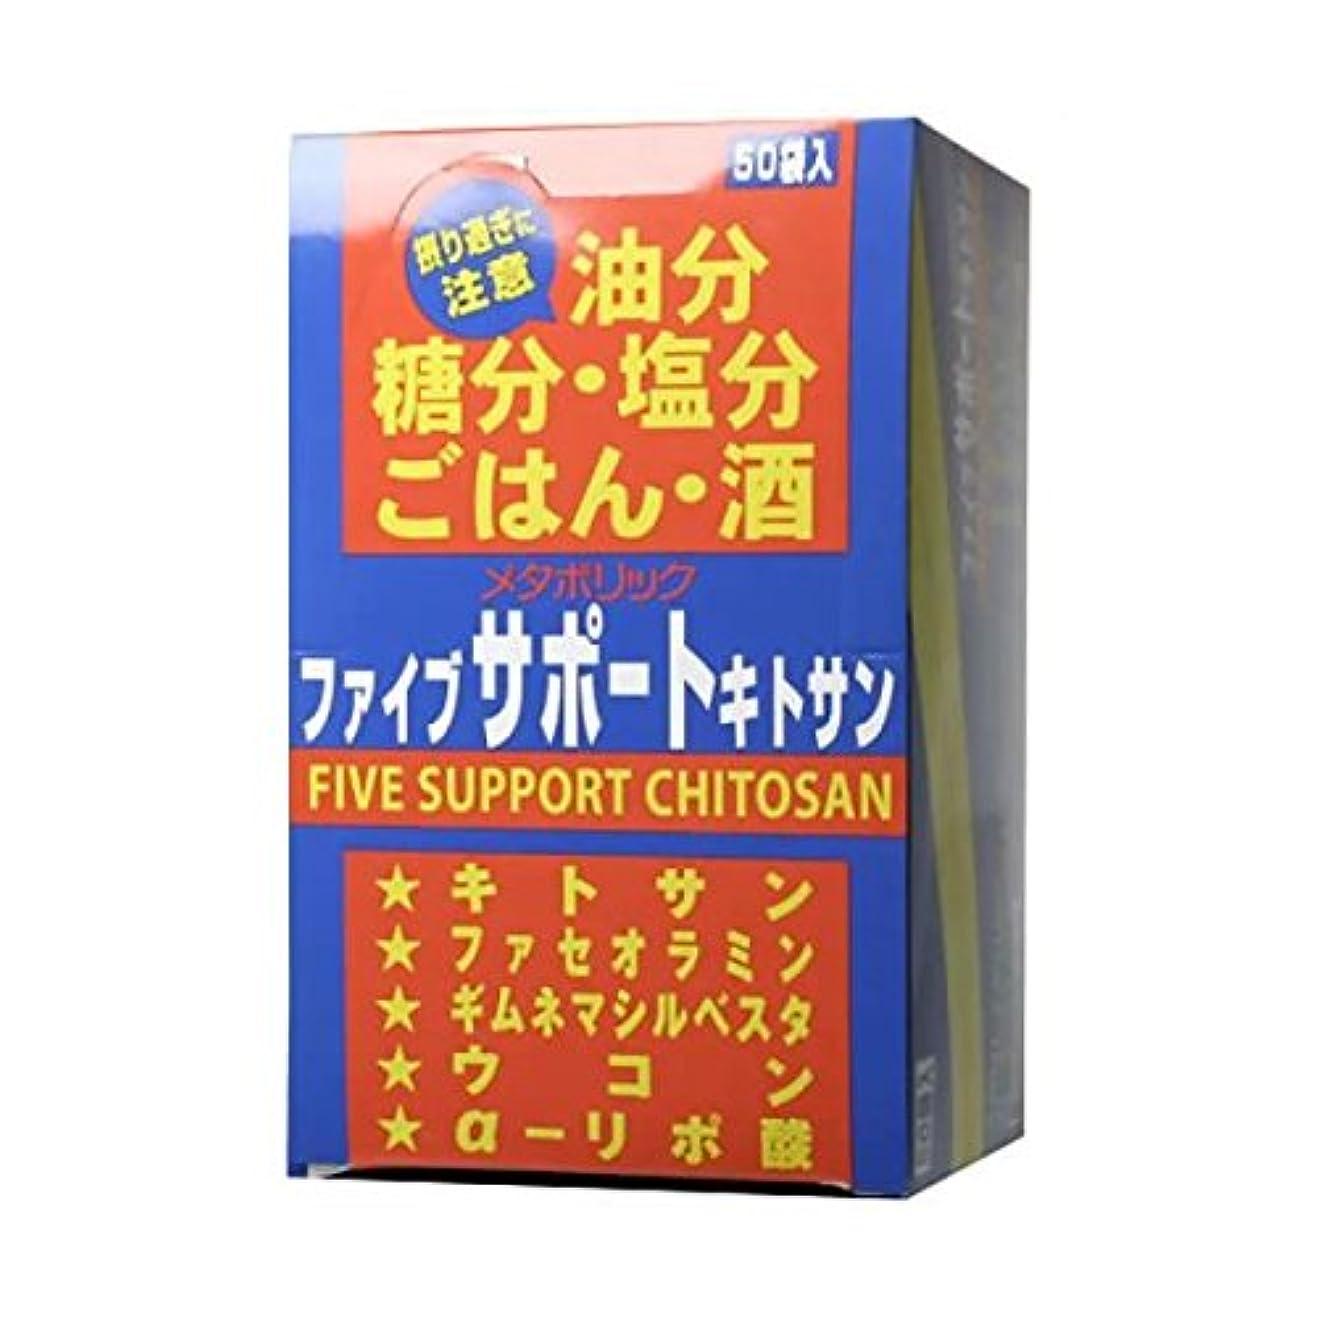 首モンク広々ファイブサポートキトサン 50袋入 × 2個